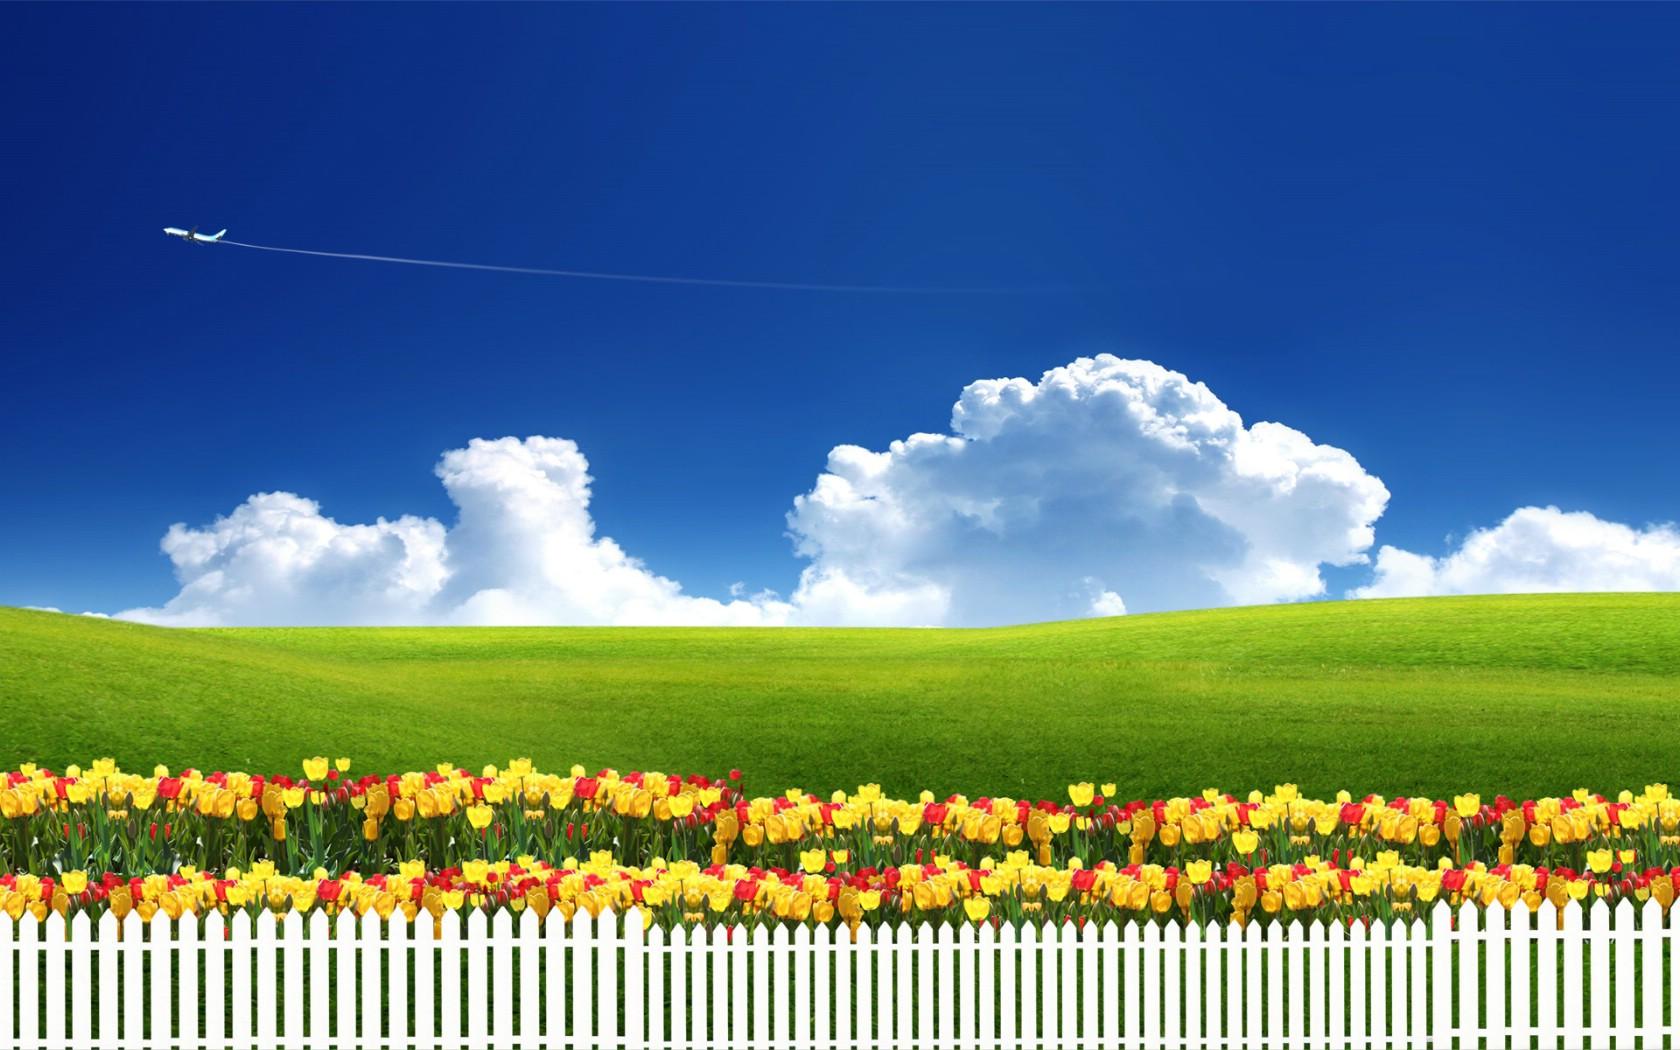 壁纸1680×1050梦想家园 最美好的日子宽屏壁纸 壁纸10壁纸 梦想家园:最美好的日壁纸图片系统壁纸系统图片素材桌面壁纸